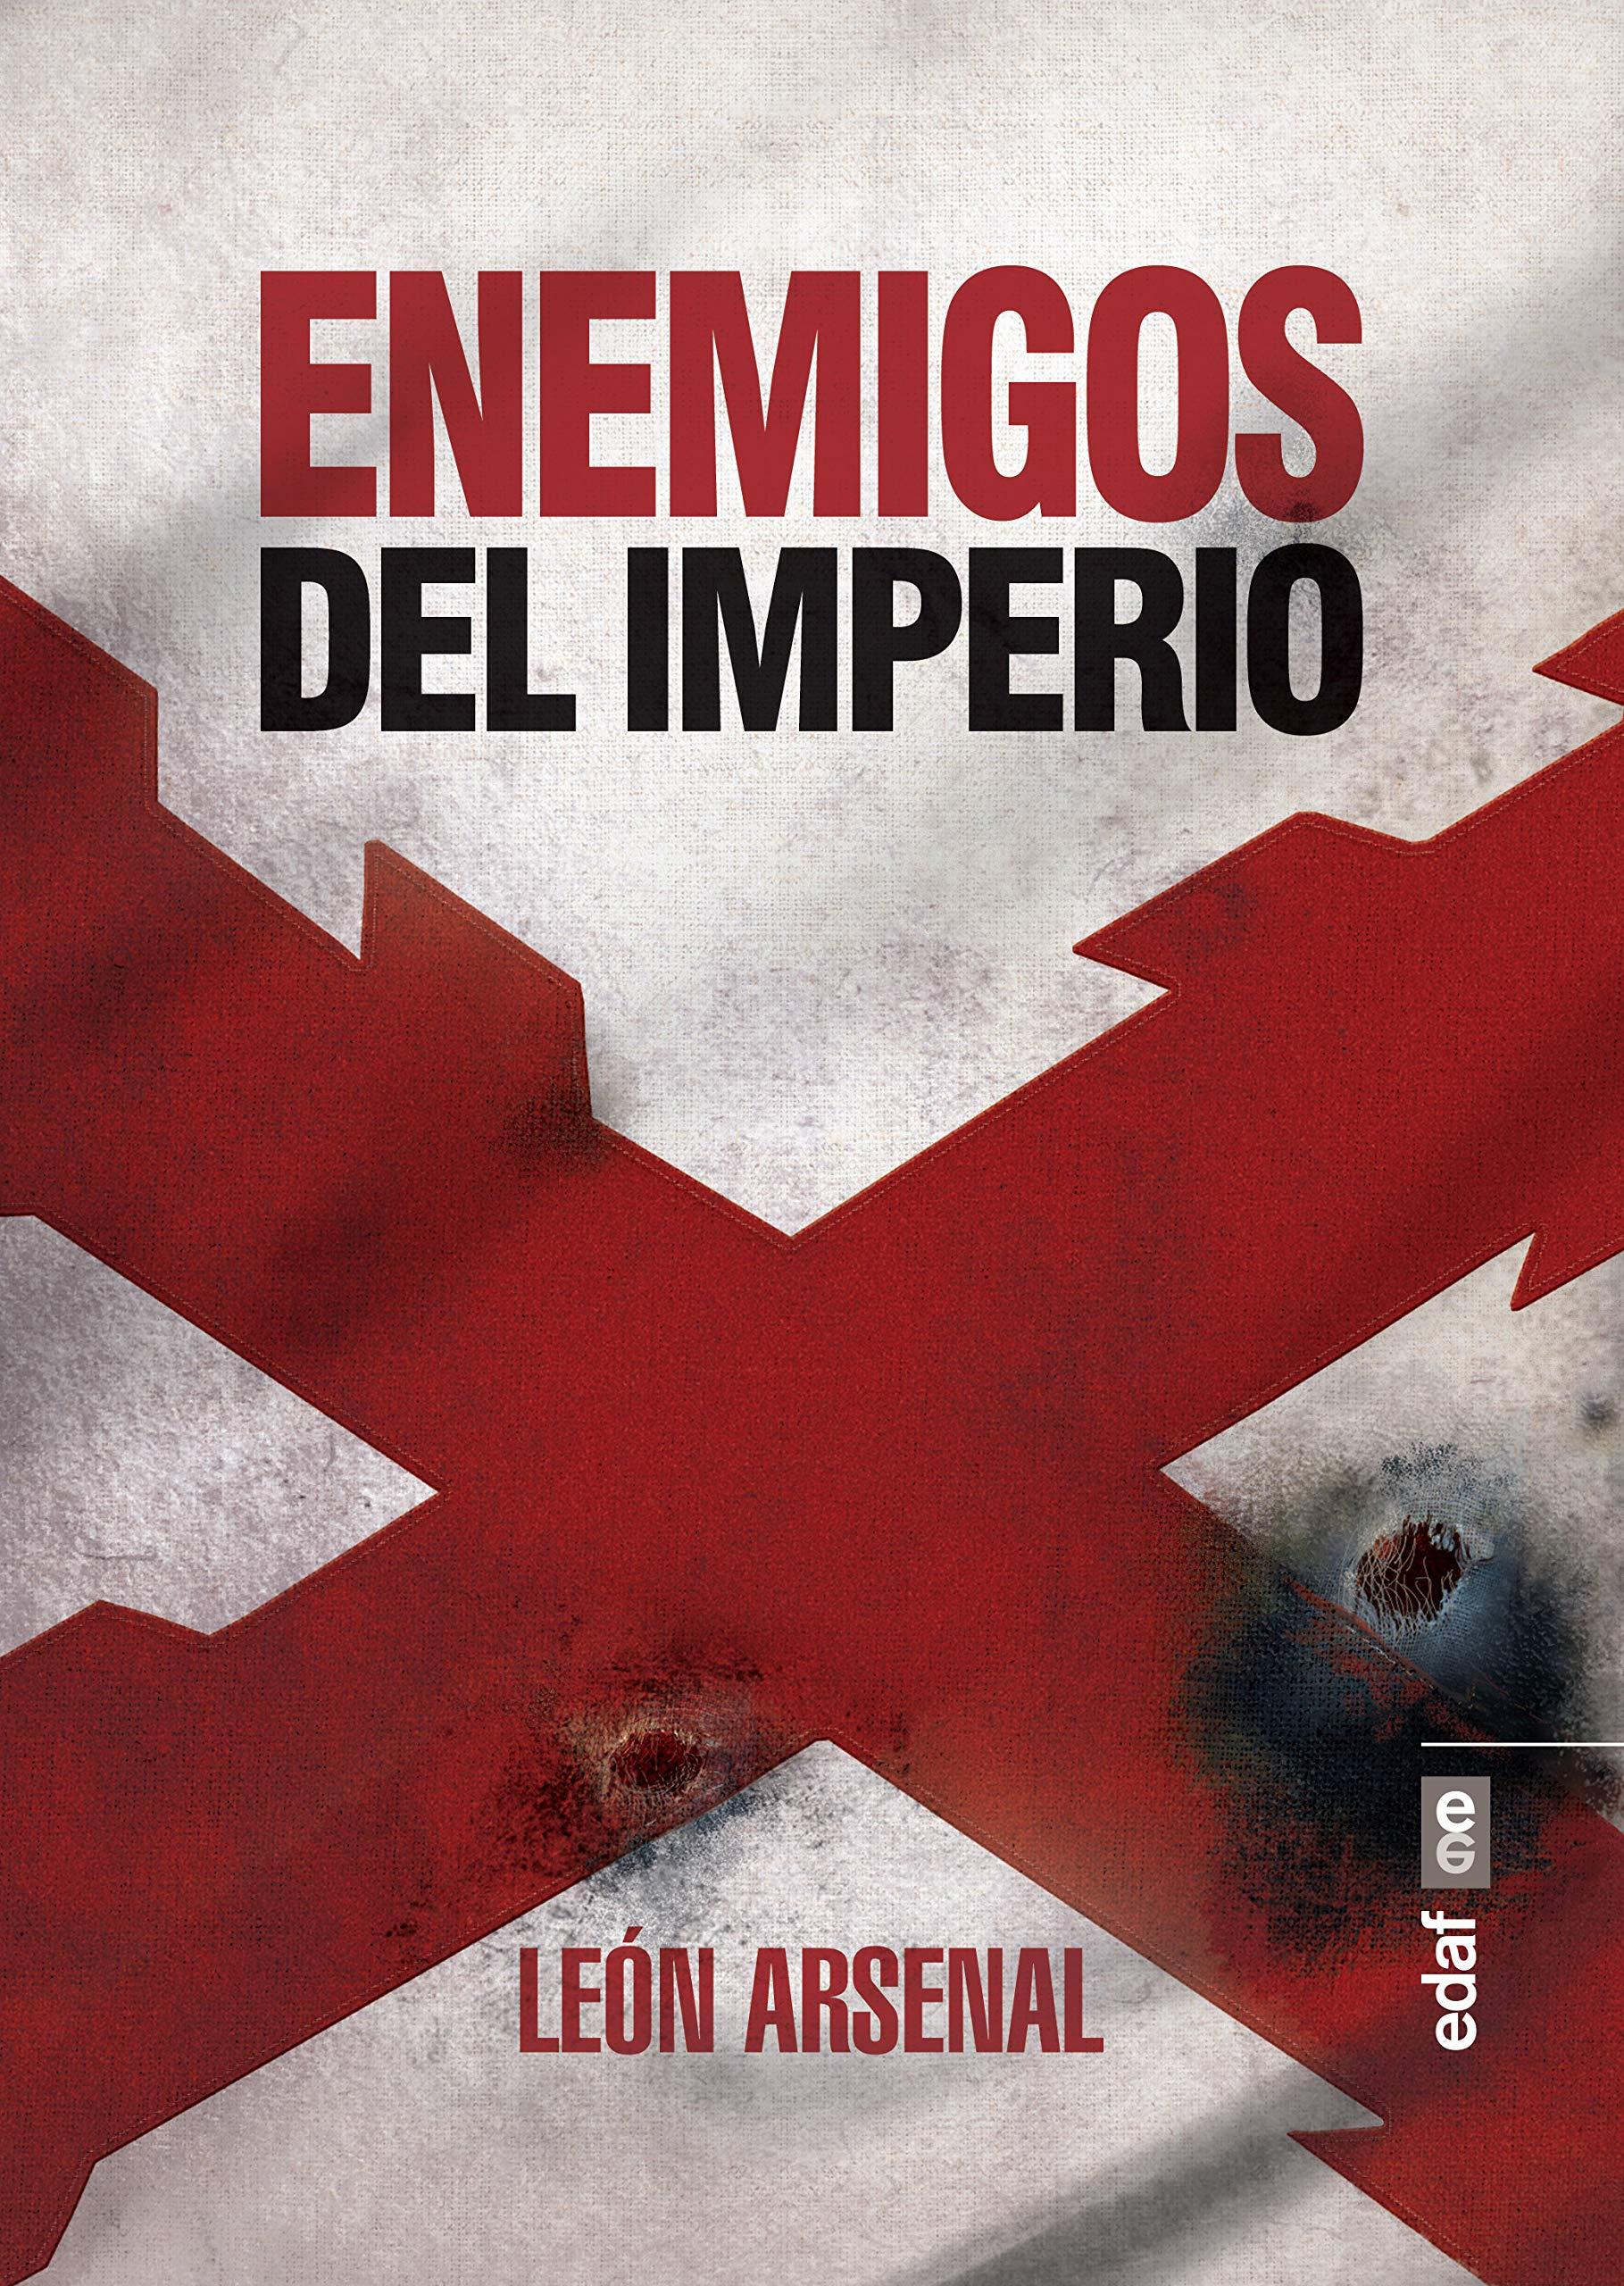 Enemigos del Imperio (Clío crónicas de la historia): Amazon.es: Arsenal, León: Libros